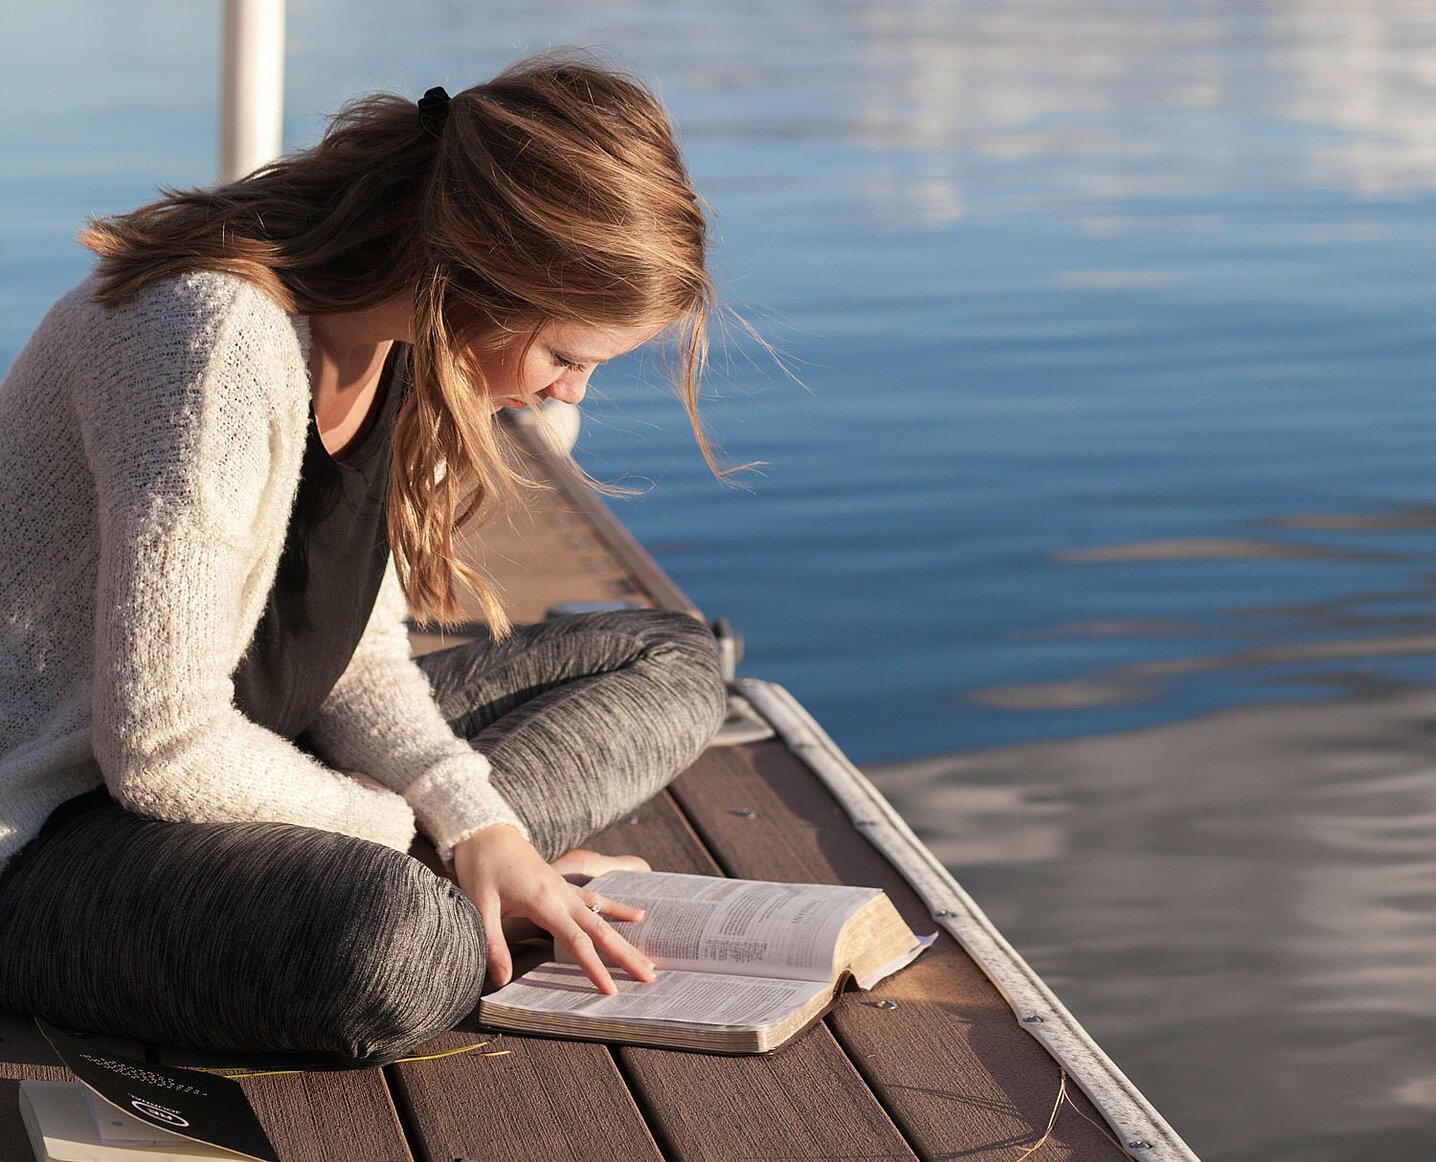 La Bible, le livre de référence, des chrétiens, toujours inspirant